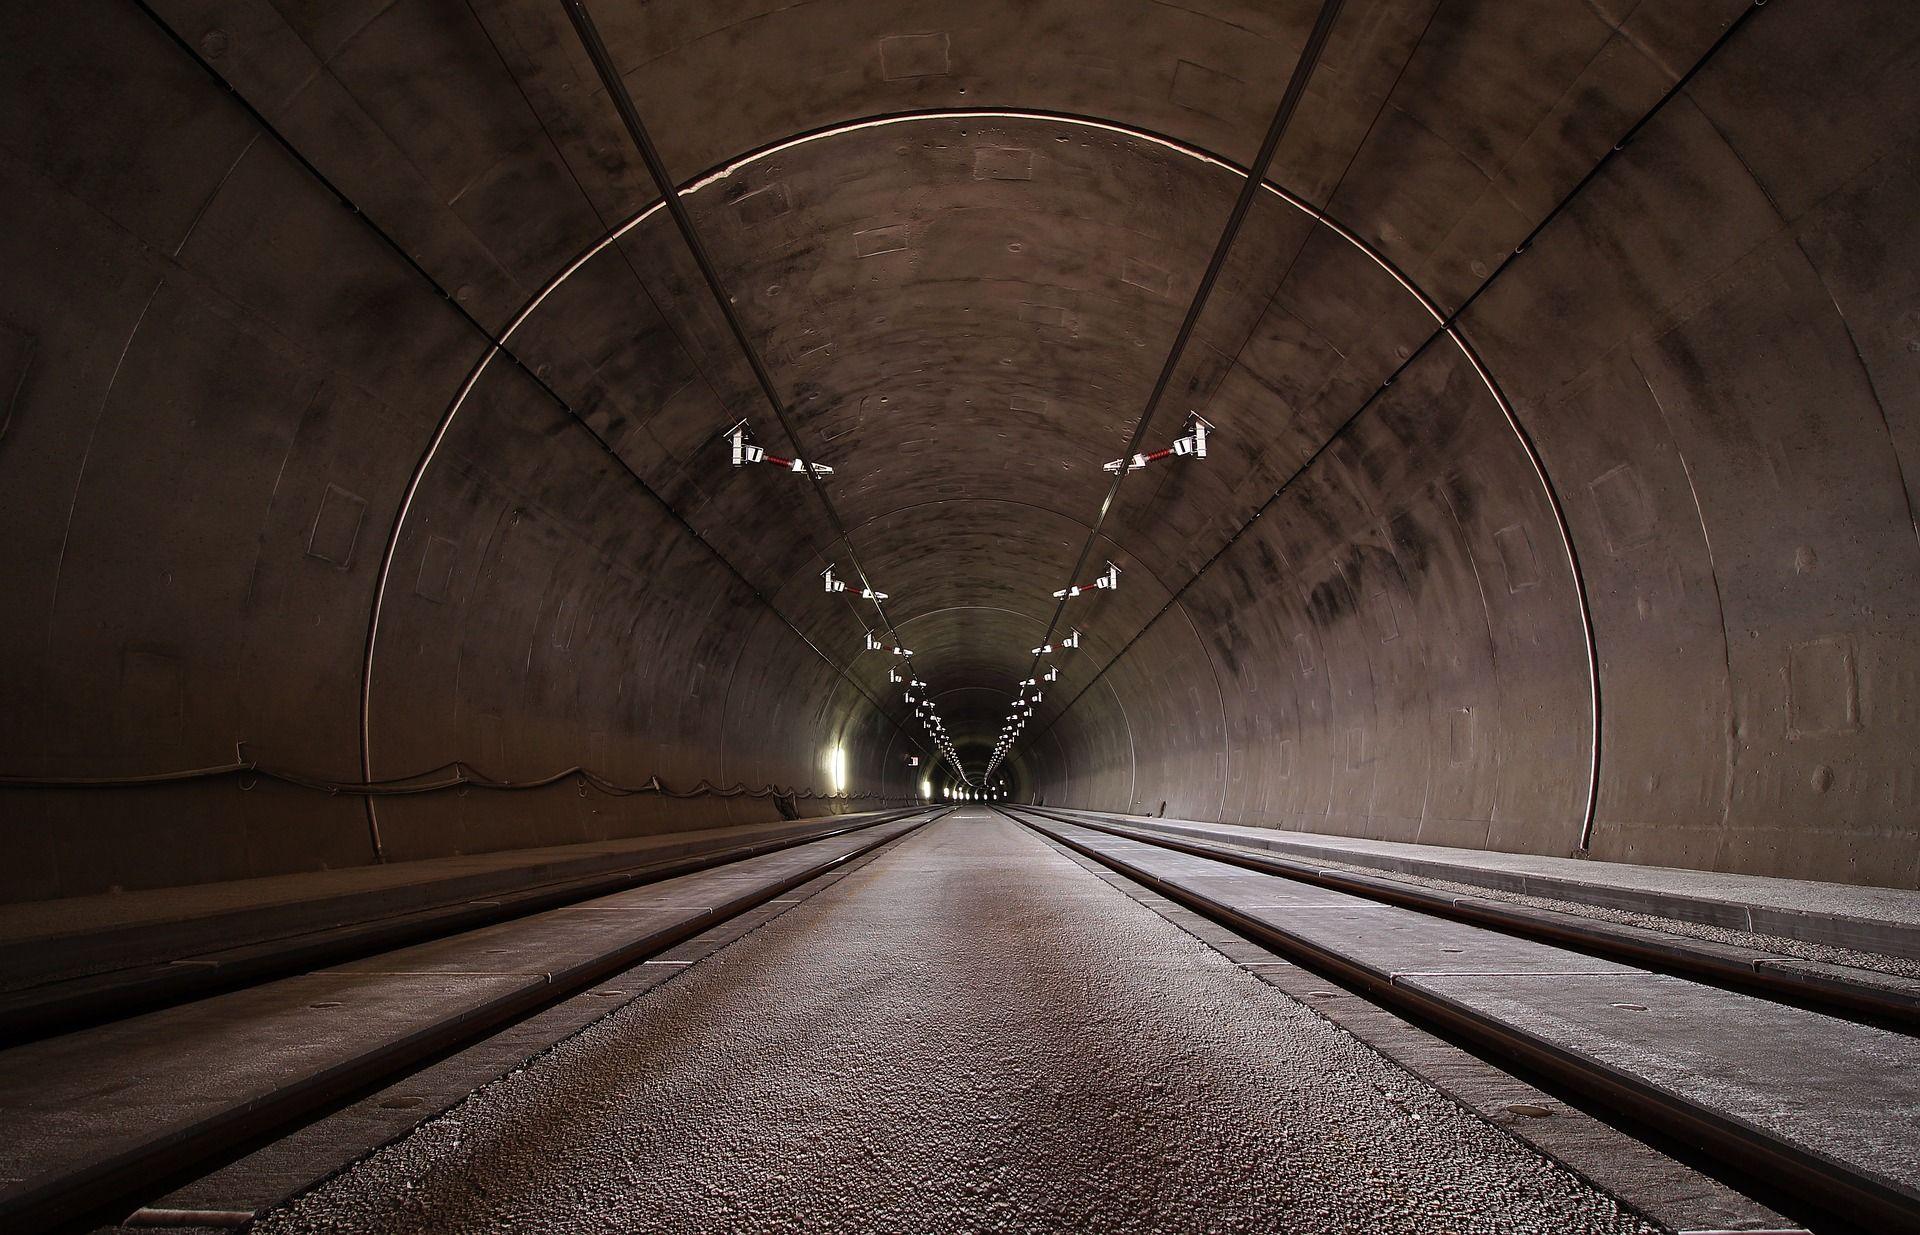 Łódź: CPK planuje budowę drugiego tunelu. Do Warszawy dojedziemy w 45 minut